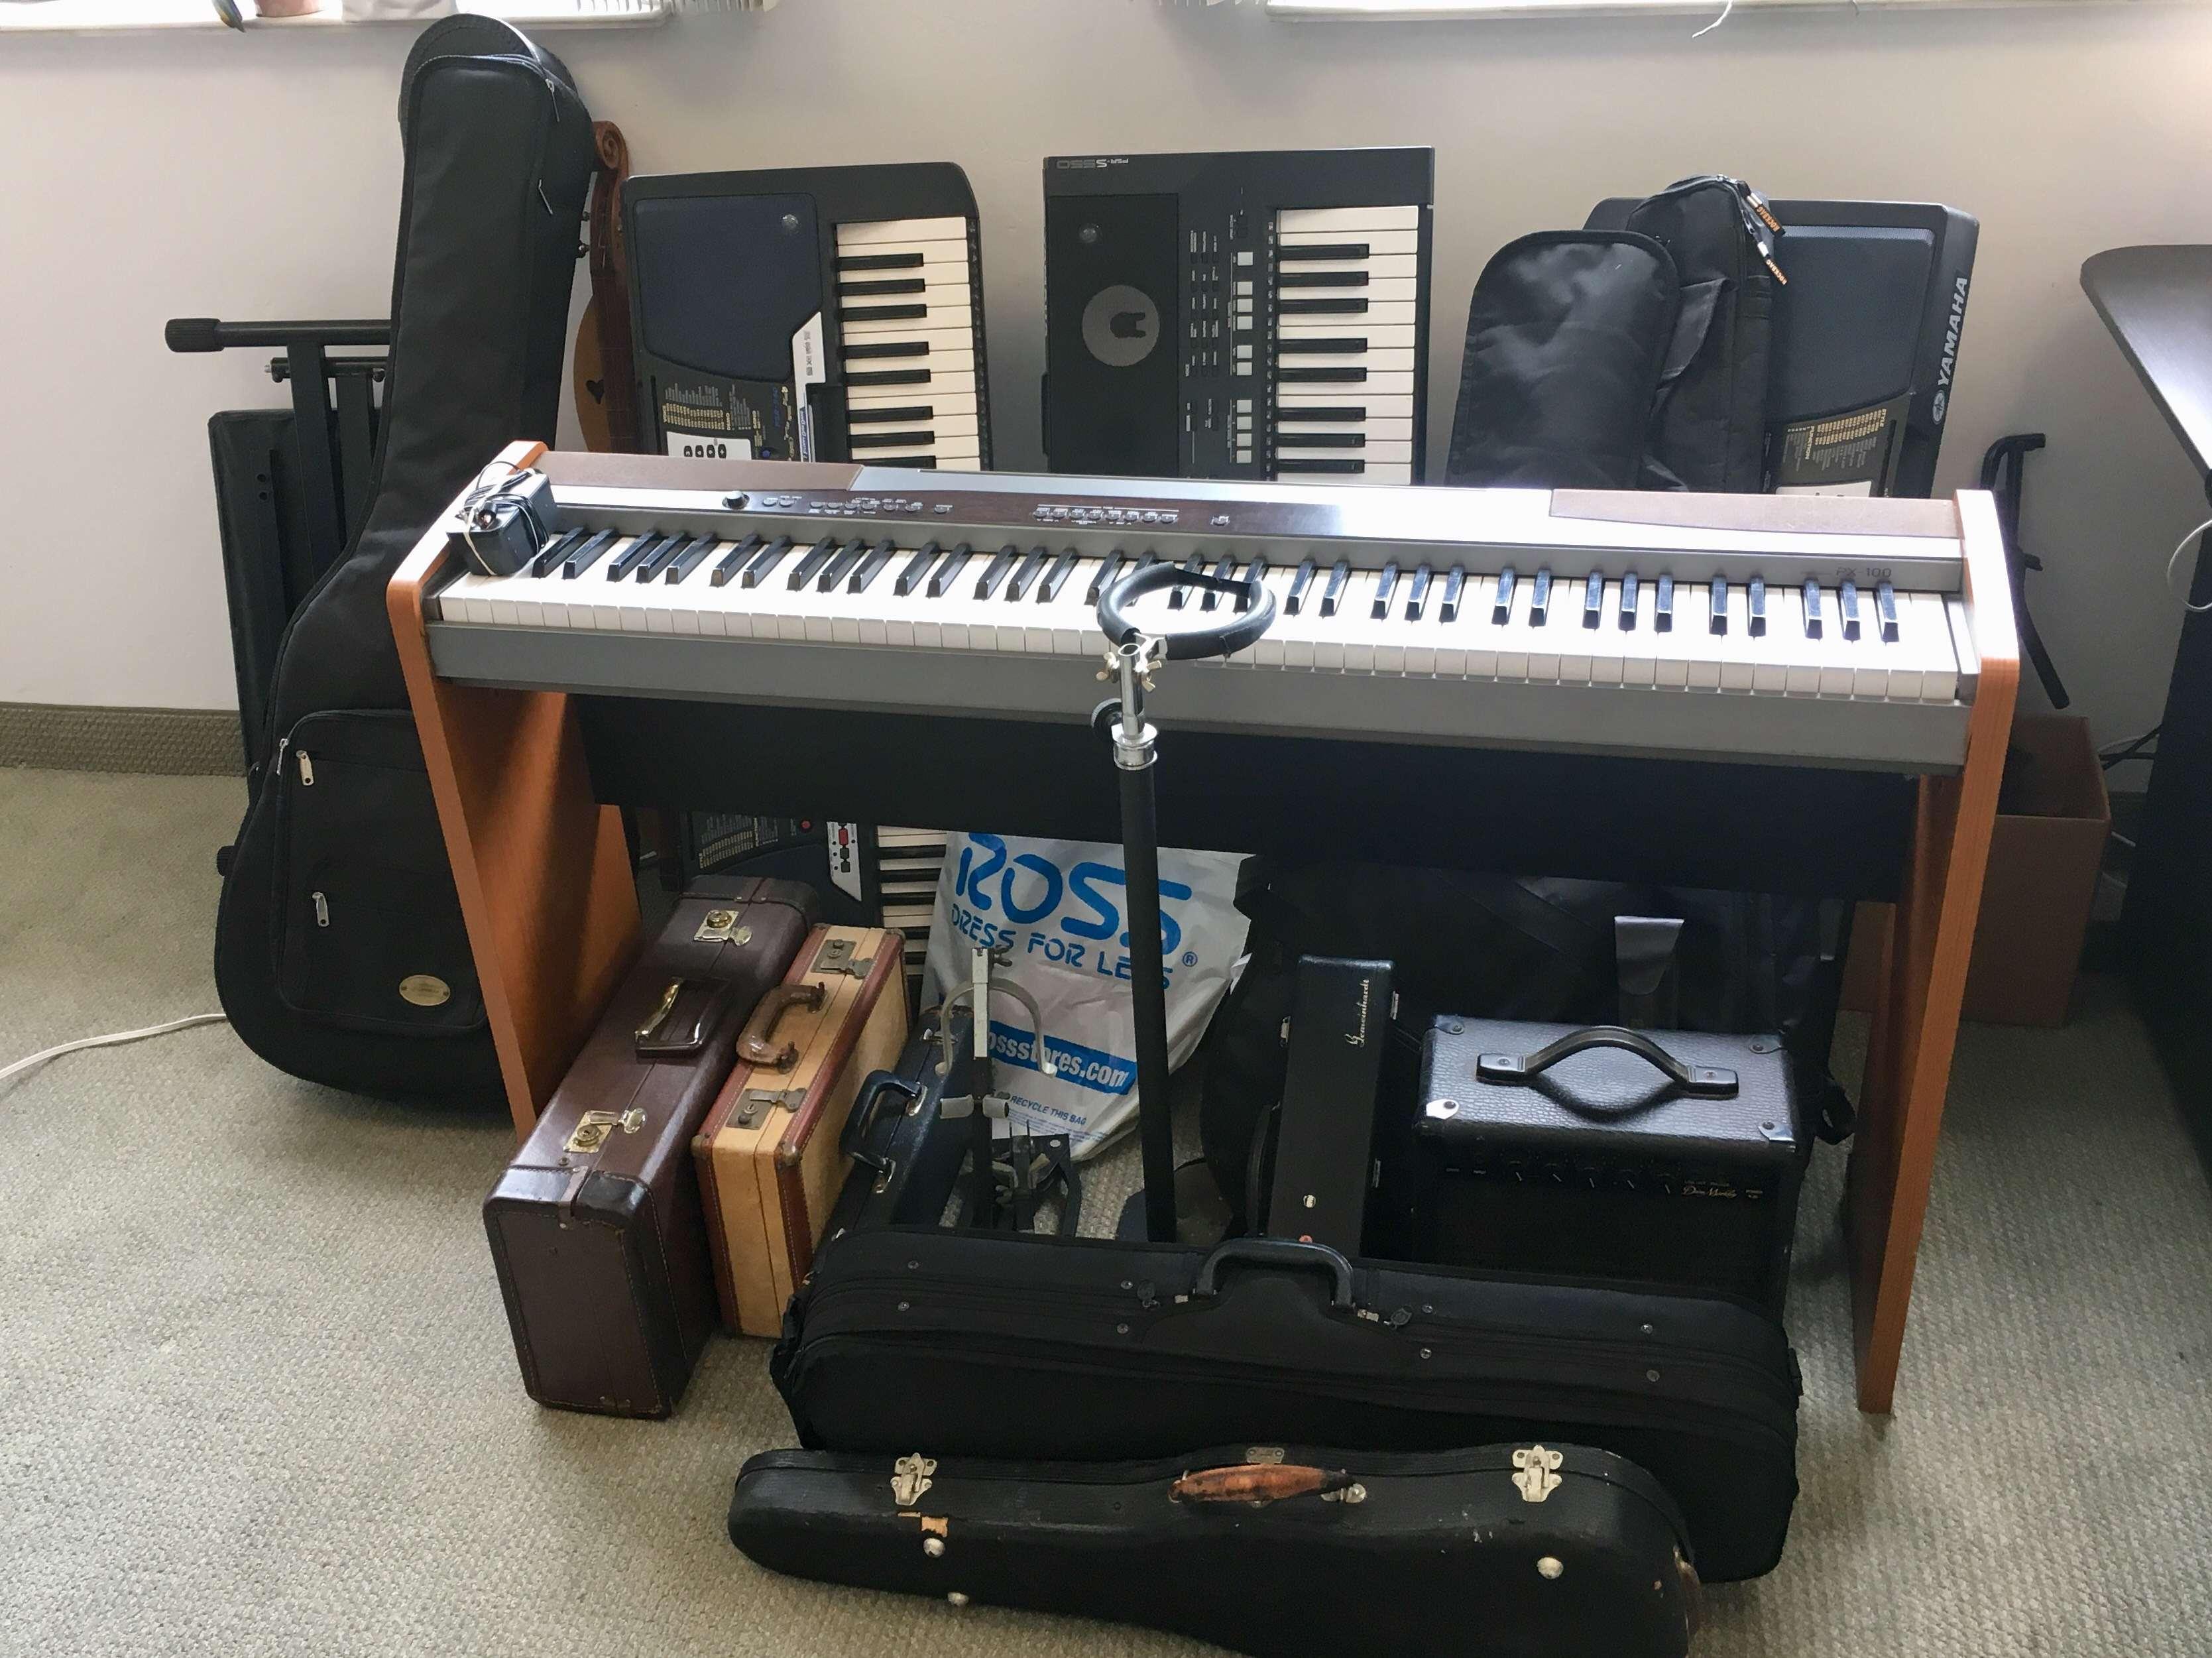 Santa Barbara Education Foundation kicks off Summer Instrument Drive